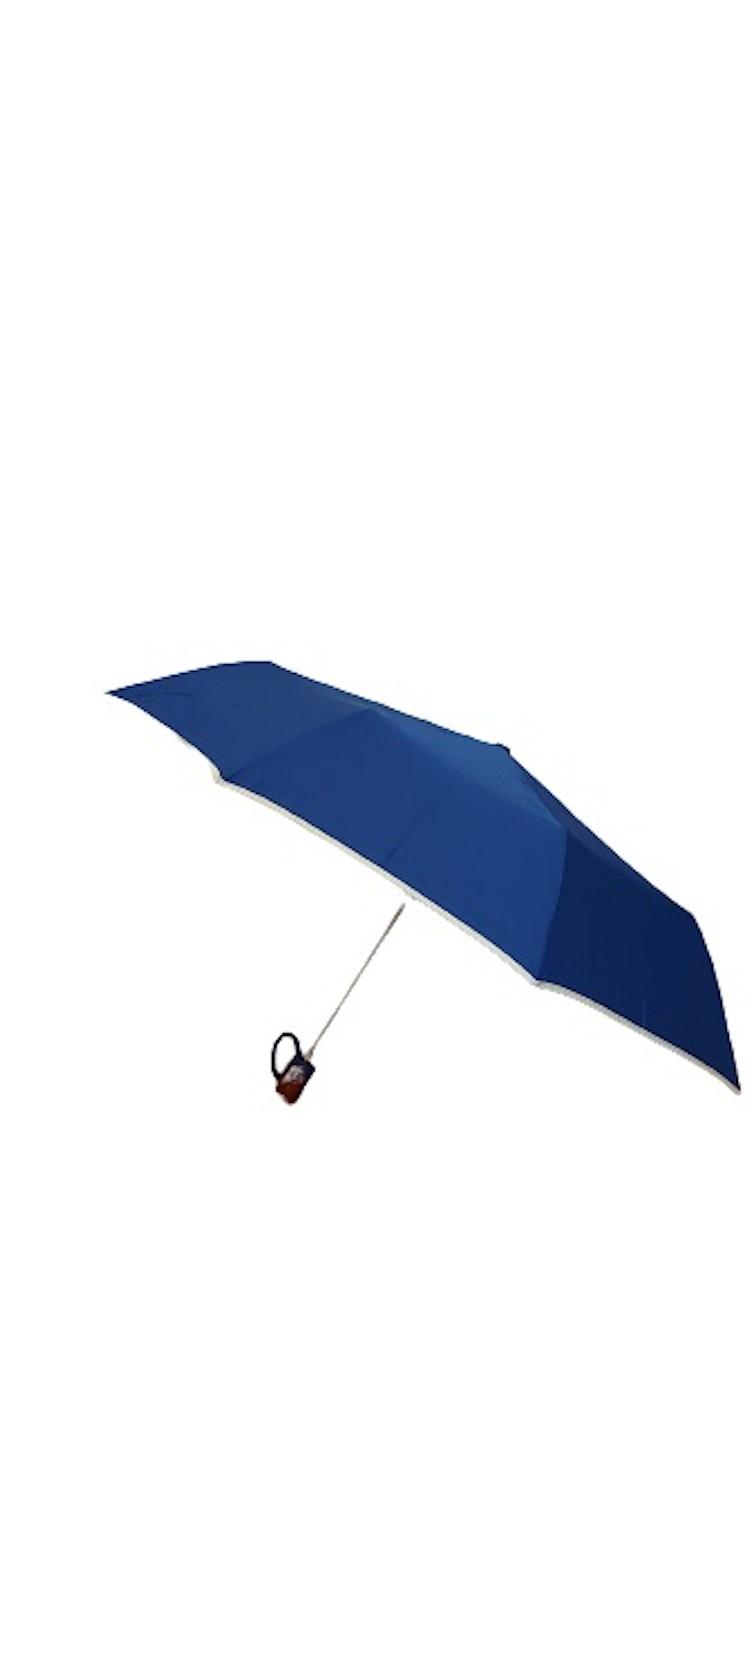 Paraply hopfällbart klarblått